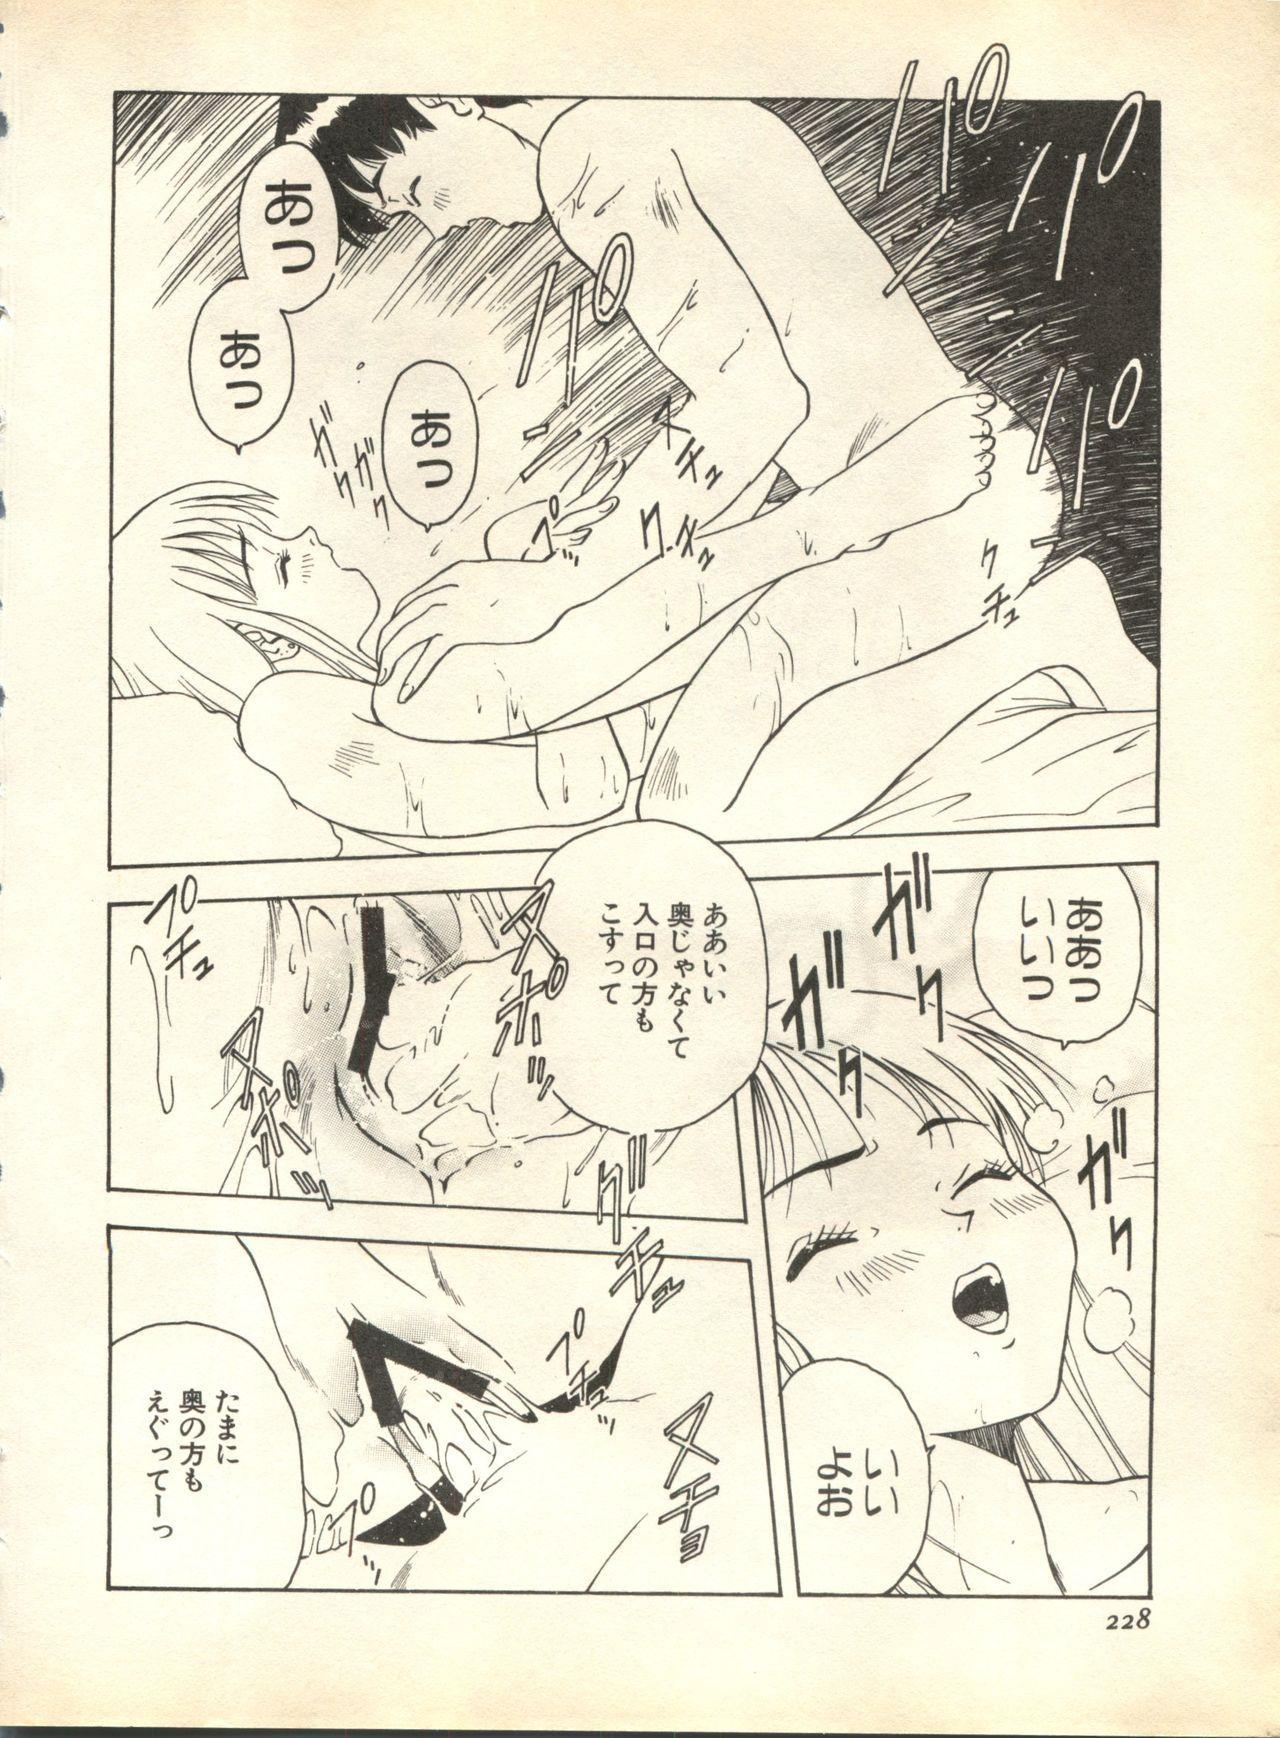 Pai;kuu 1998 October Vol. 13 227